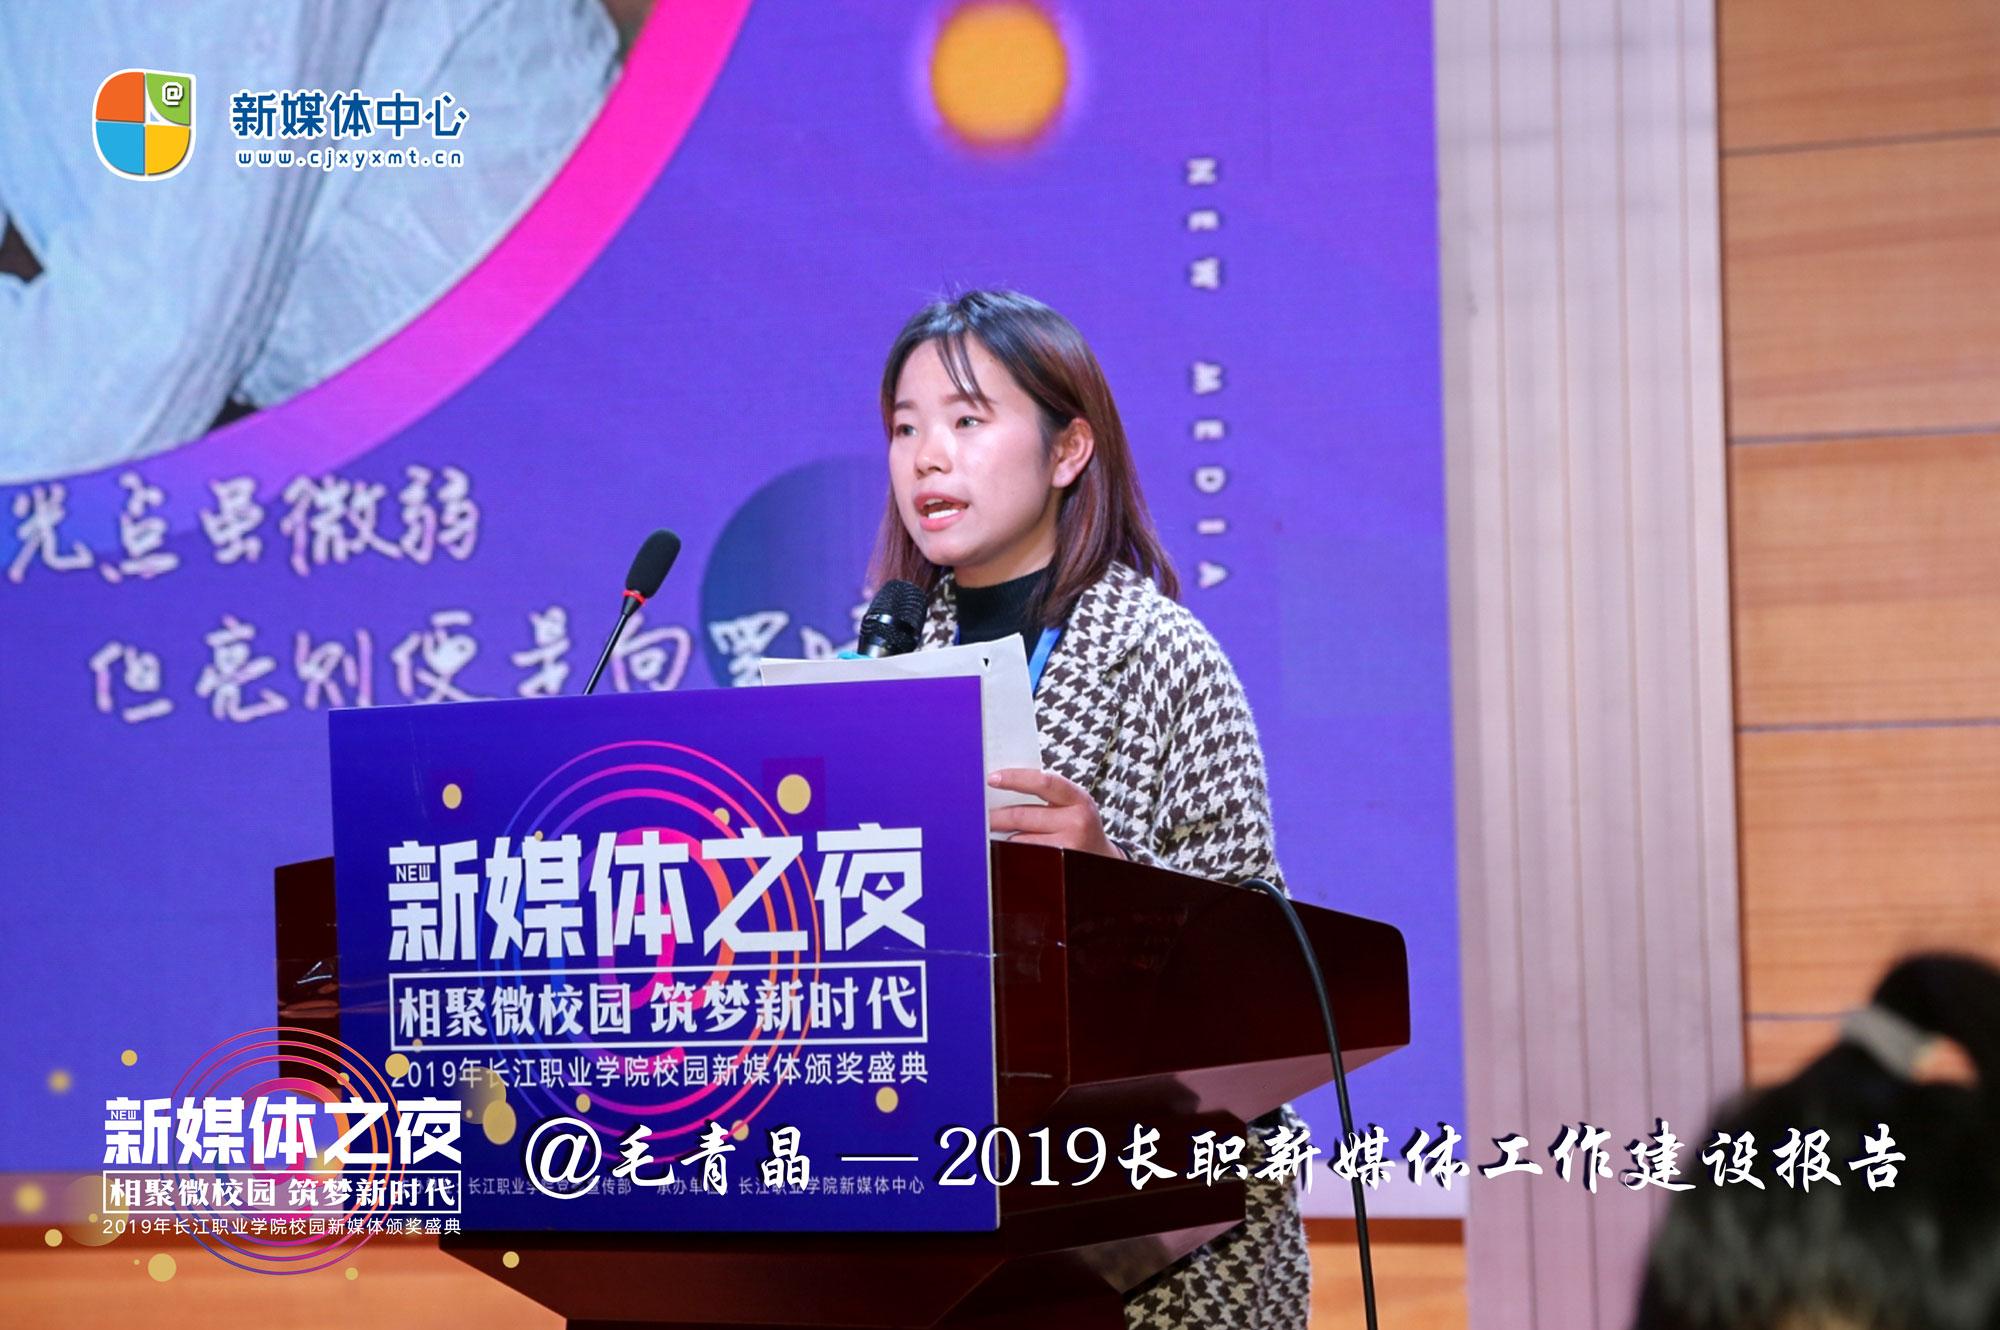 流程28  发言  媒体主任毛青晶发言